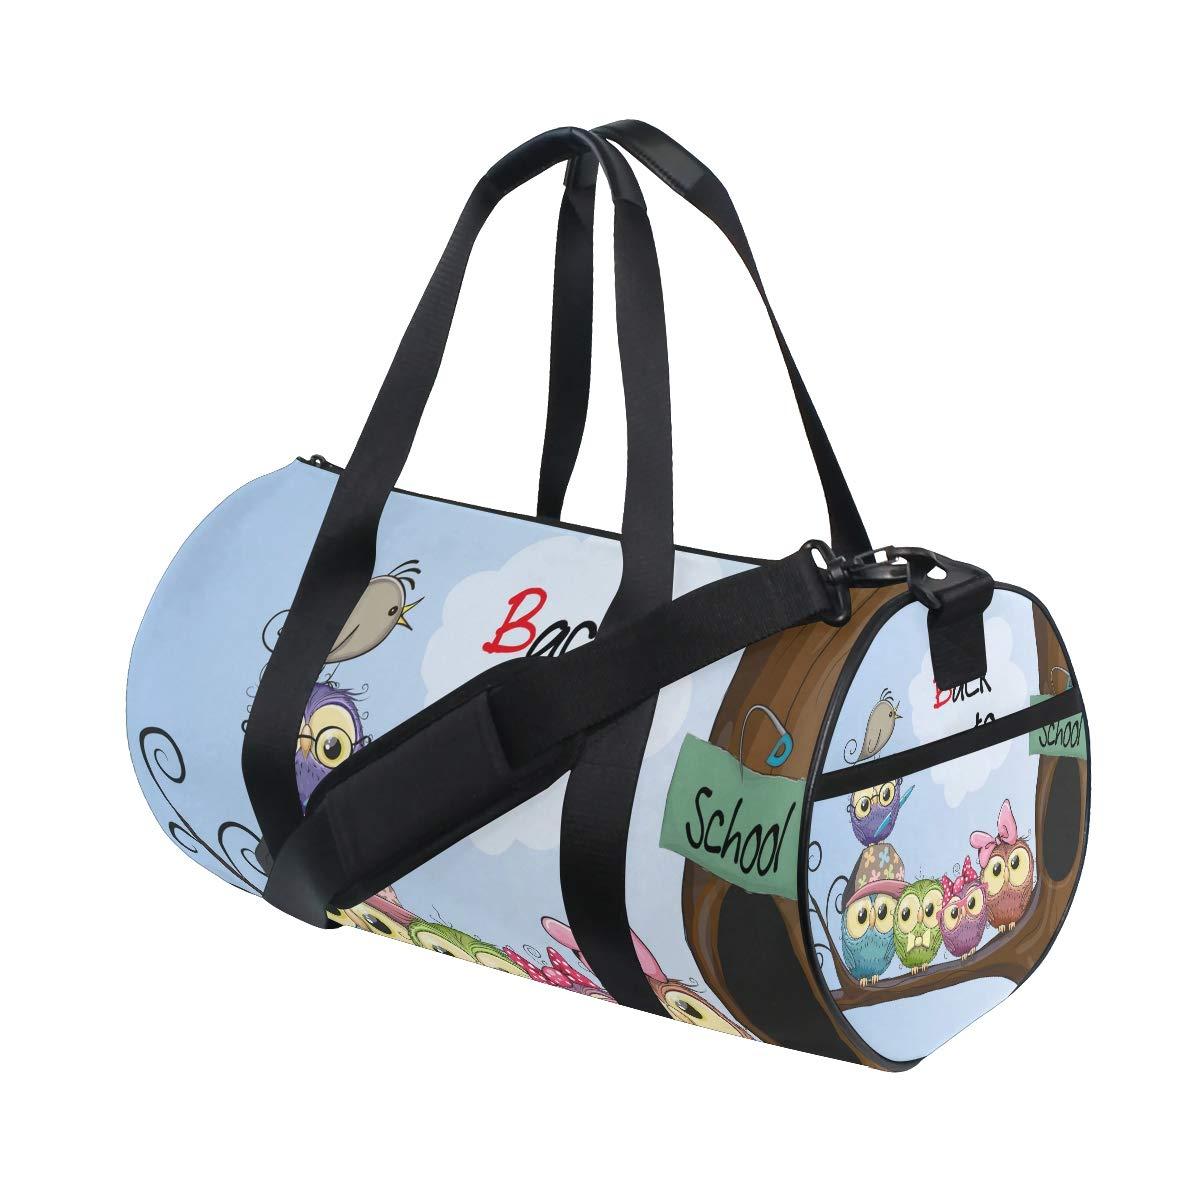 WIHVE Gym Duffel Bag Cartoon Owls Tree Branch Back School Sports Lightweight Canvas Travel Luggage Bag